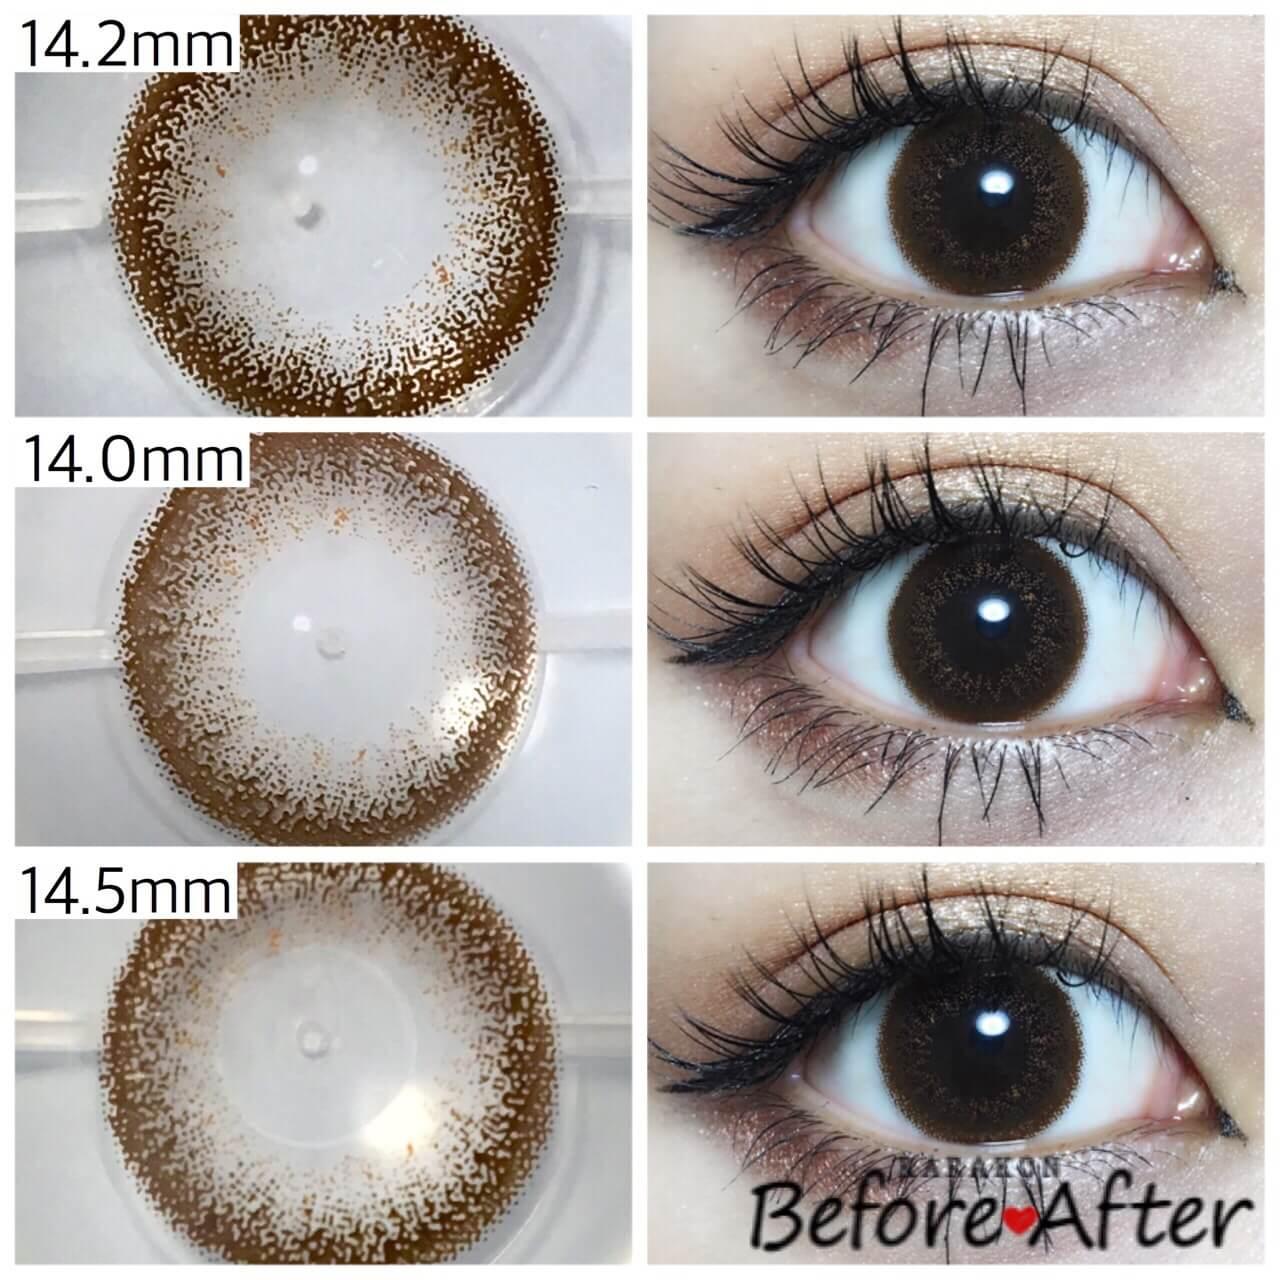 eyelist(アイリスト)チョコと似ているカラコンを比較